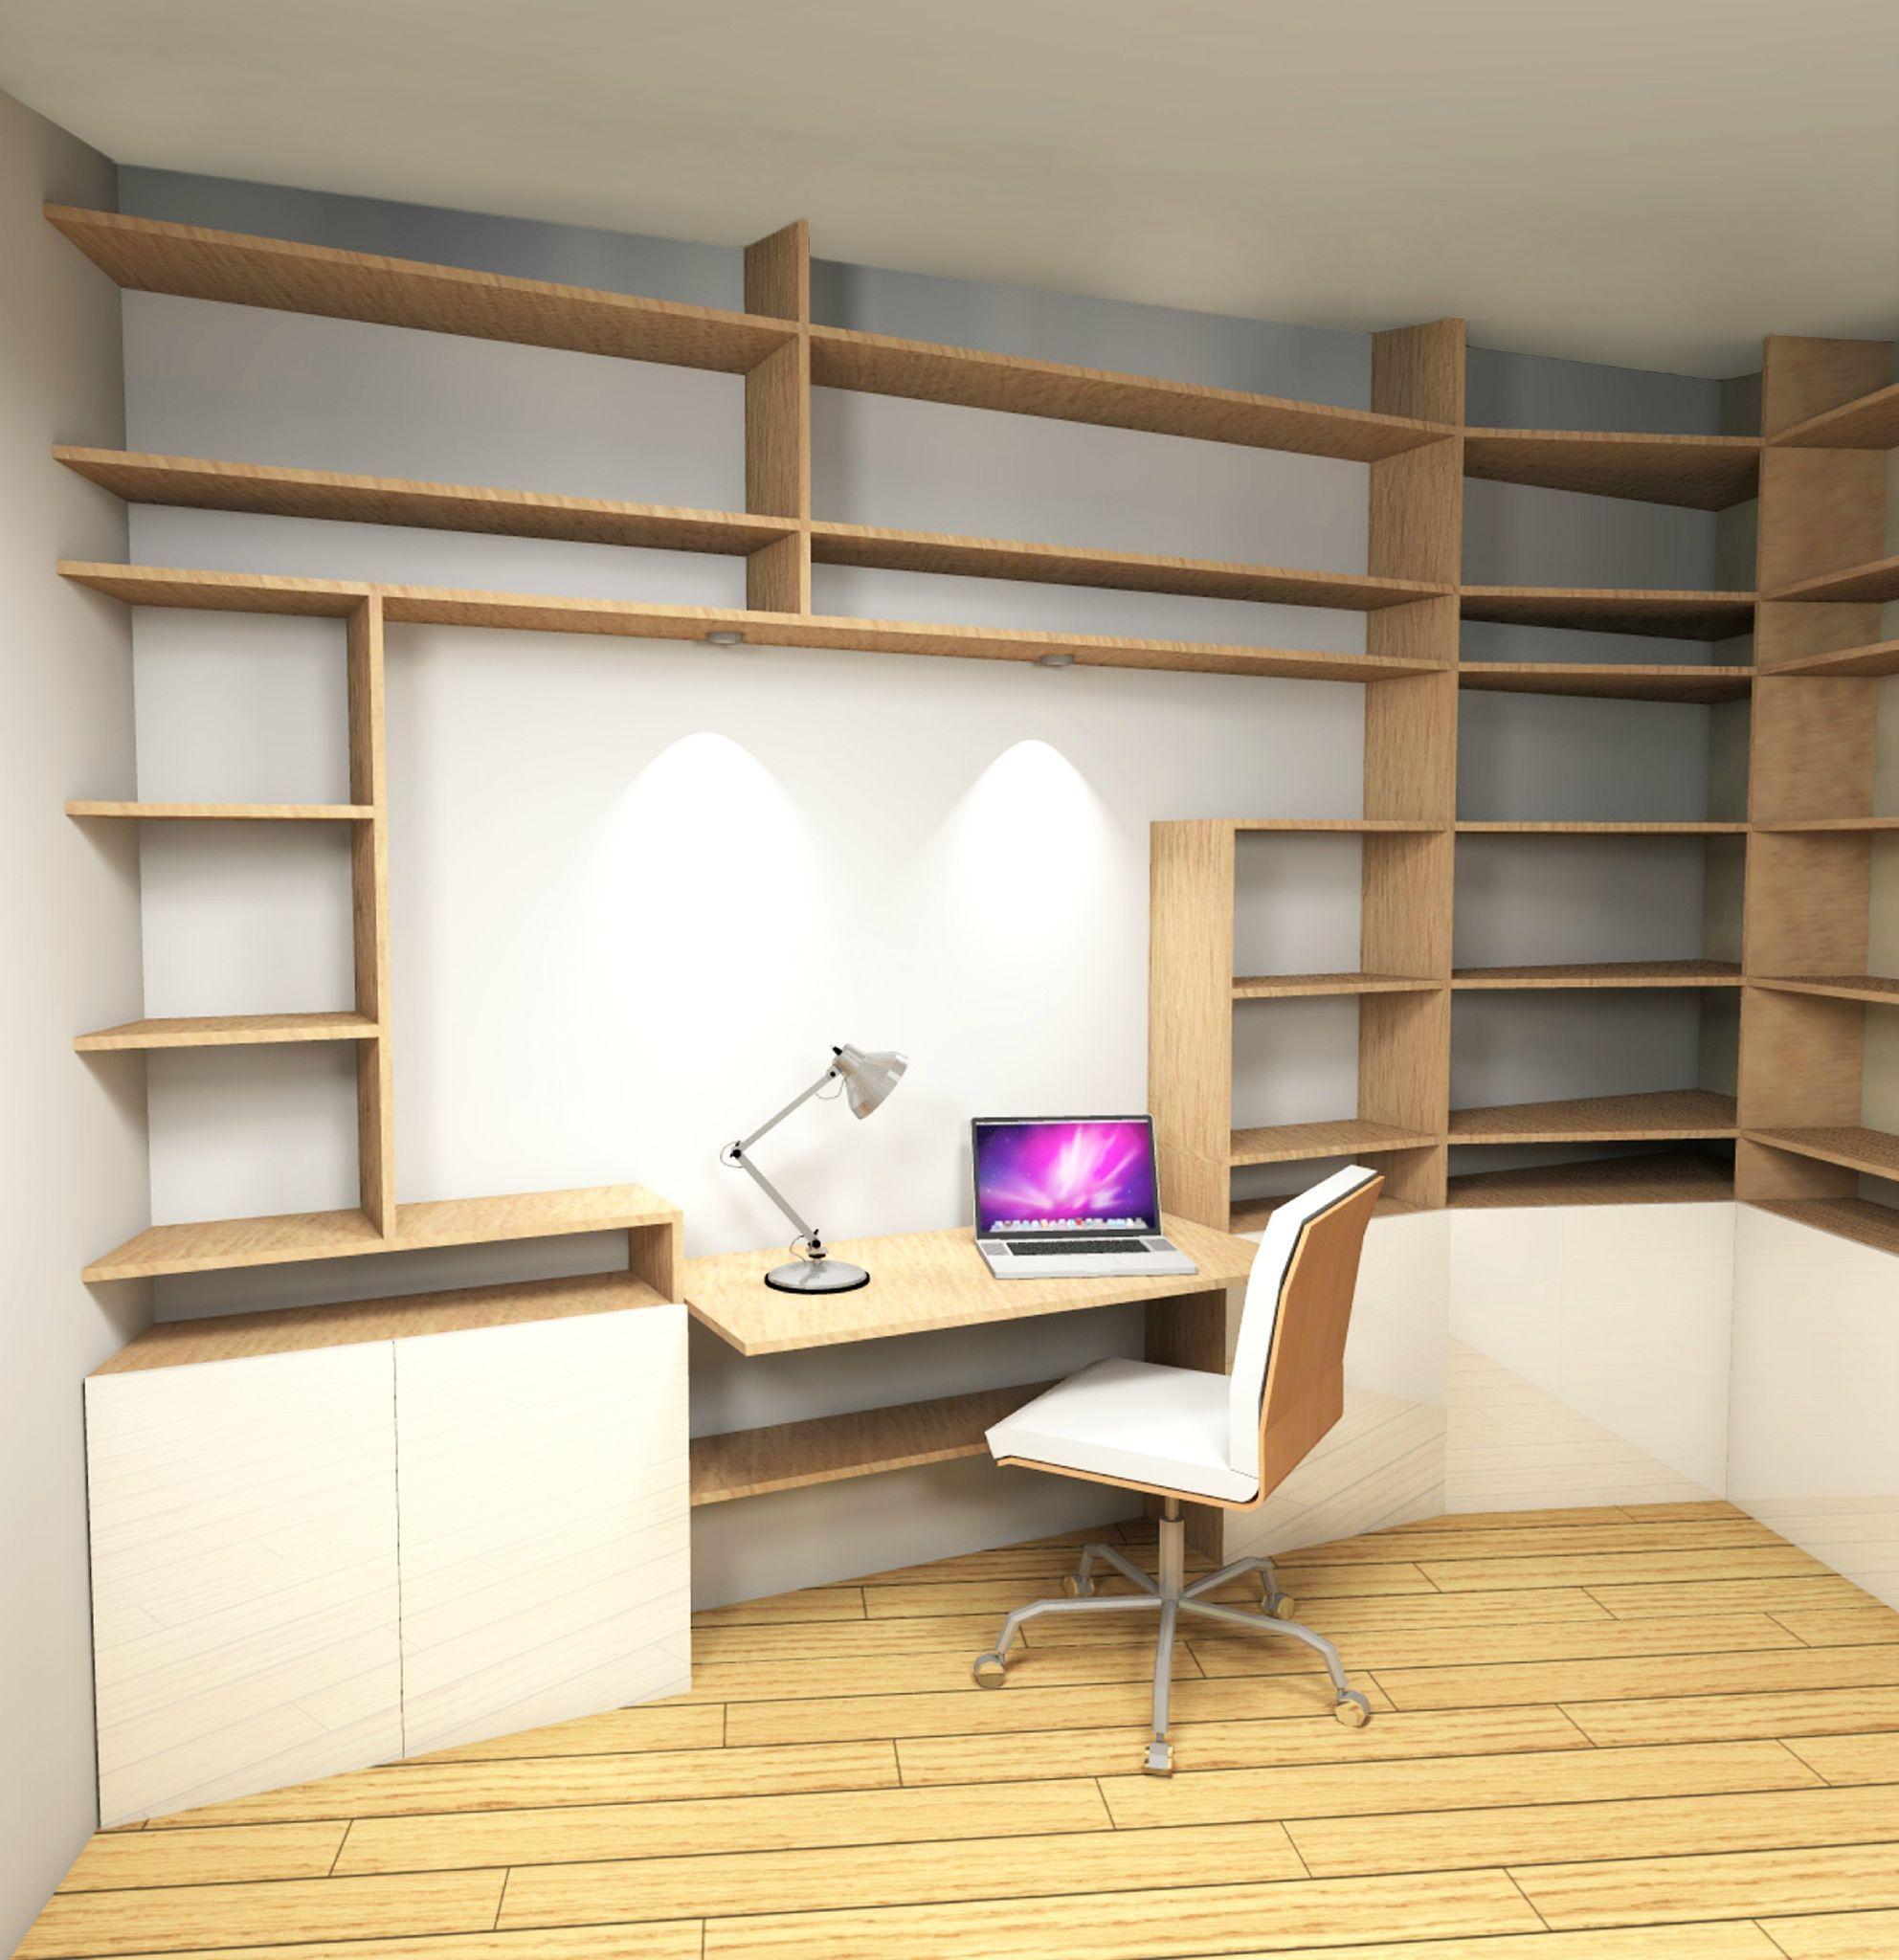 Conception espace bureau chambre ami stinside architecture d 39 int rieur bureau chambre - Deco chambre d amis ...